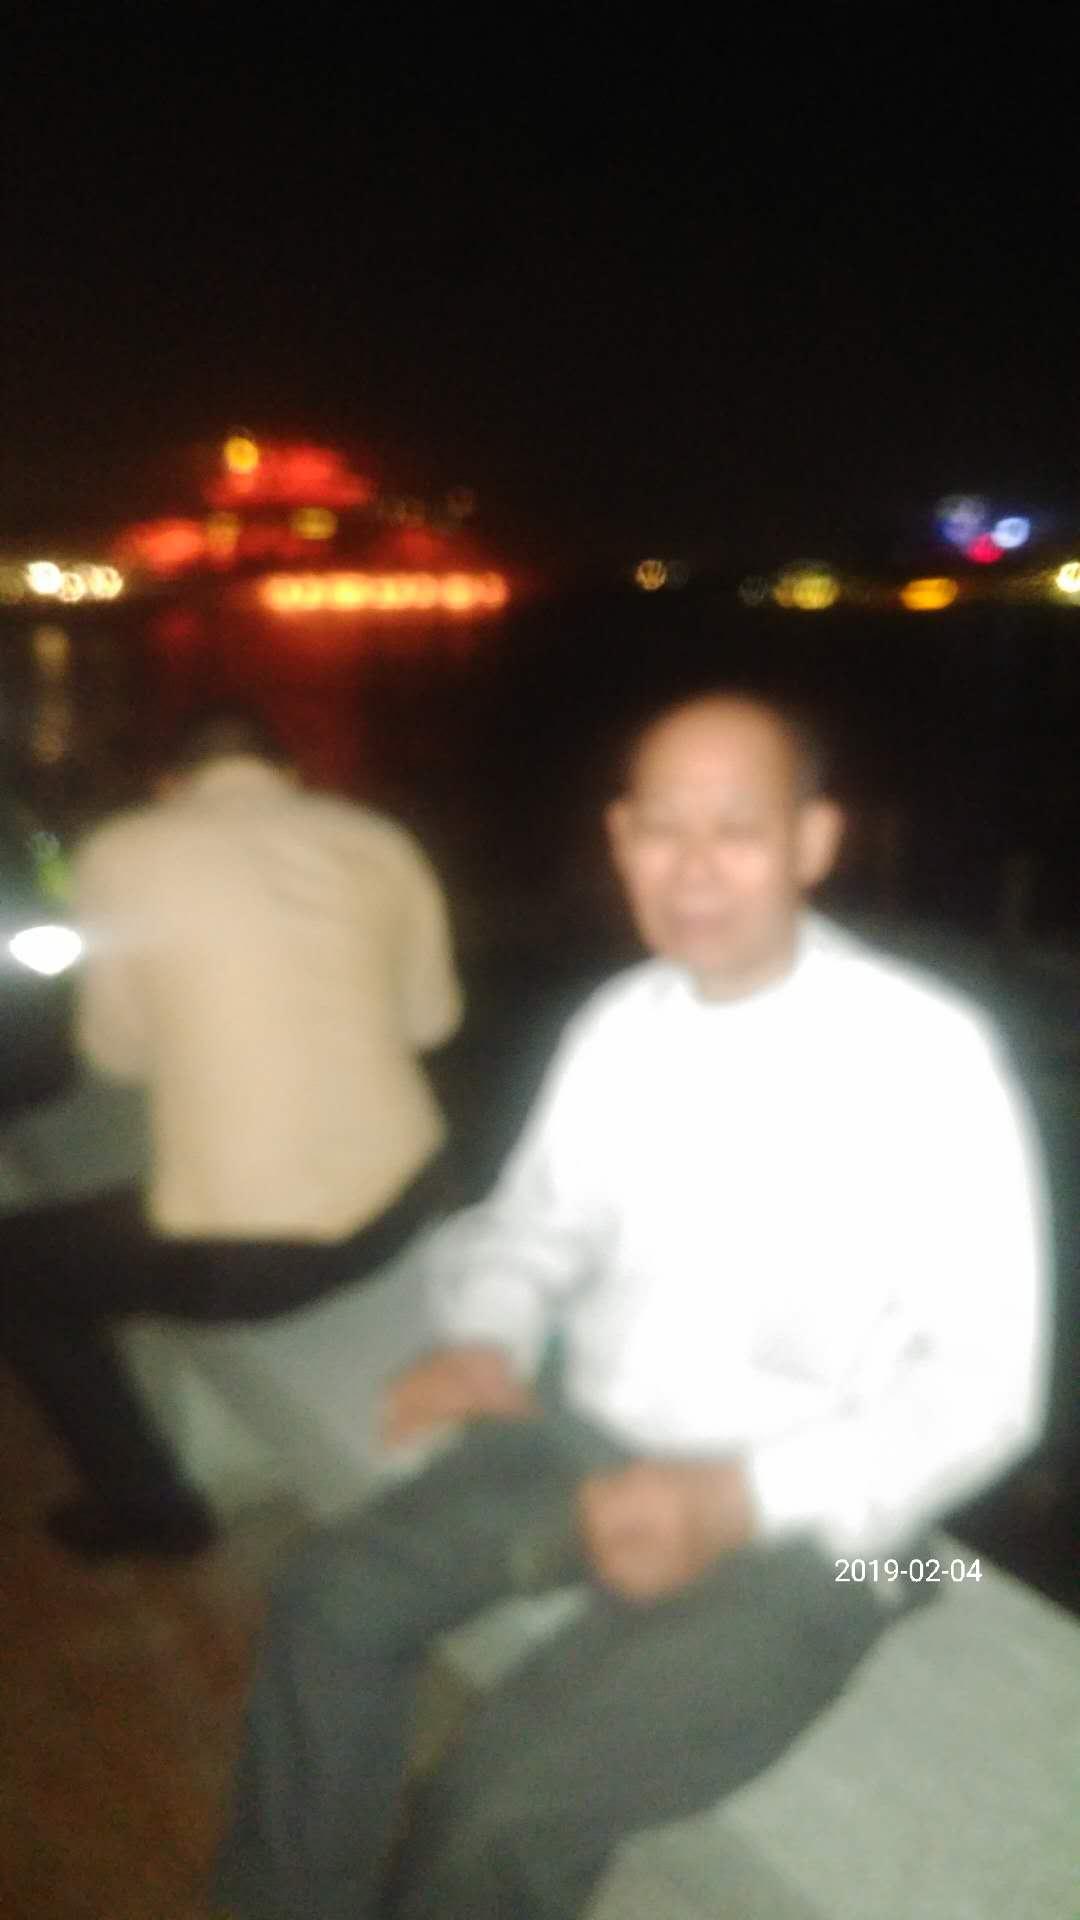 顺德新景观 顺峰山公园年三十晚至年初七晚上,举行灯光秀